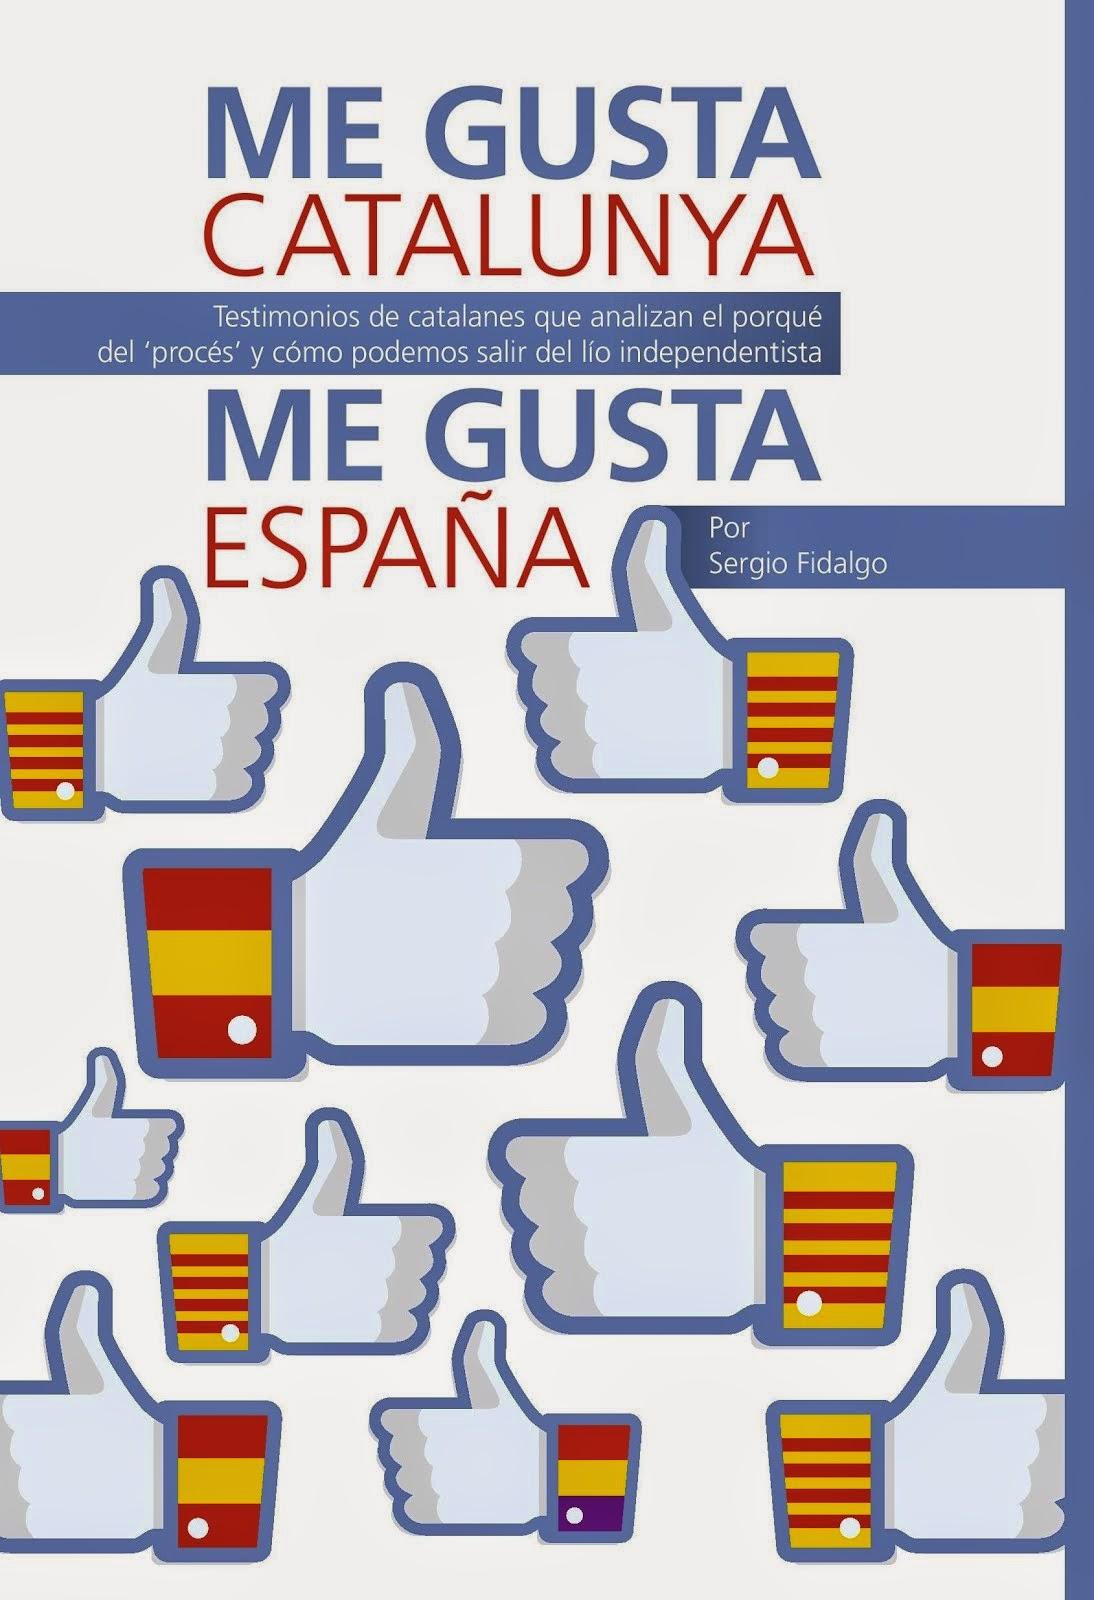 Me gusta Cataluña, me gusta España